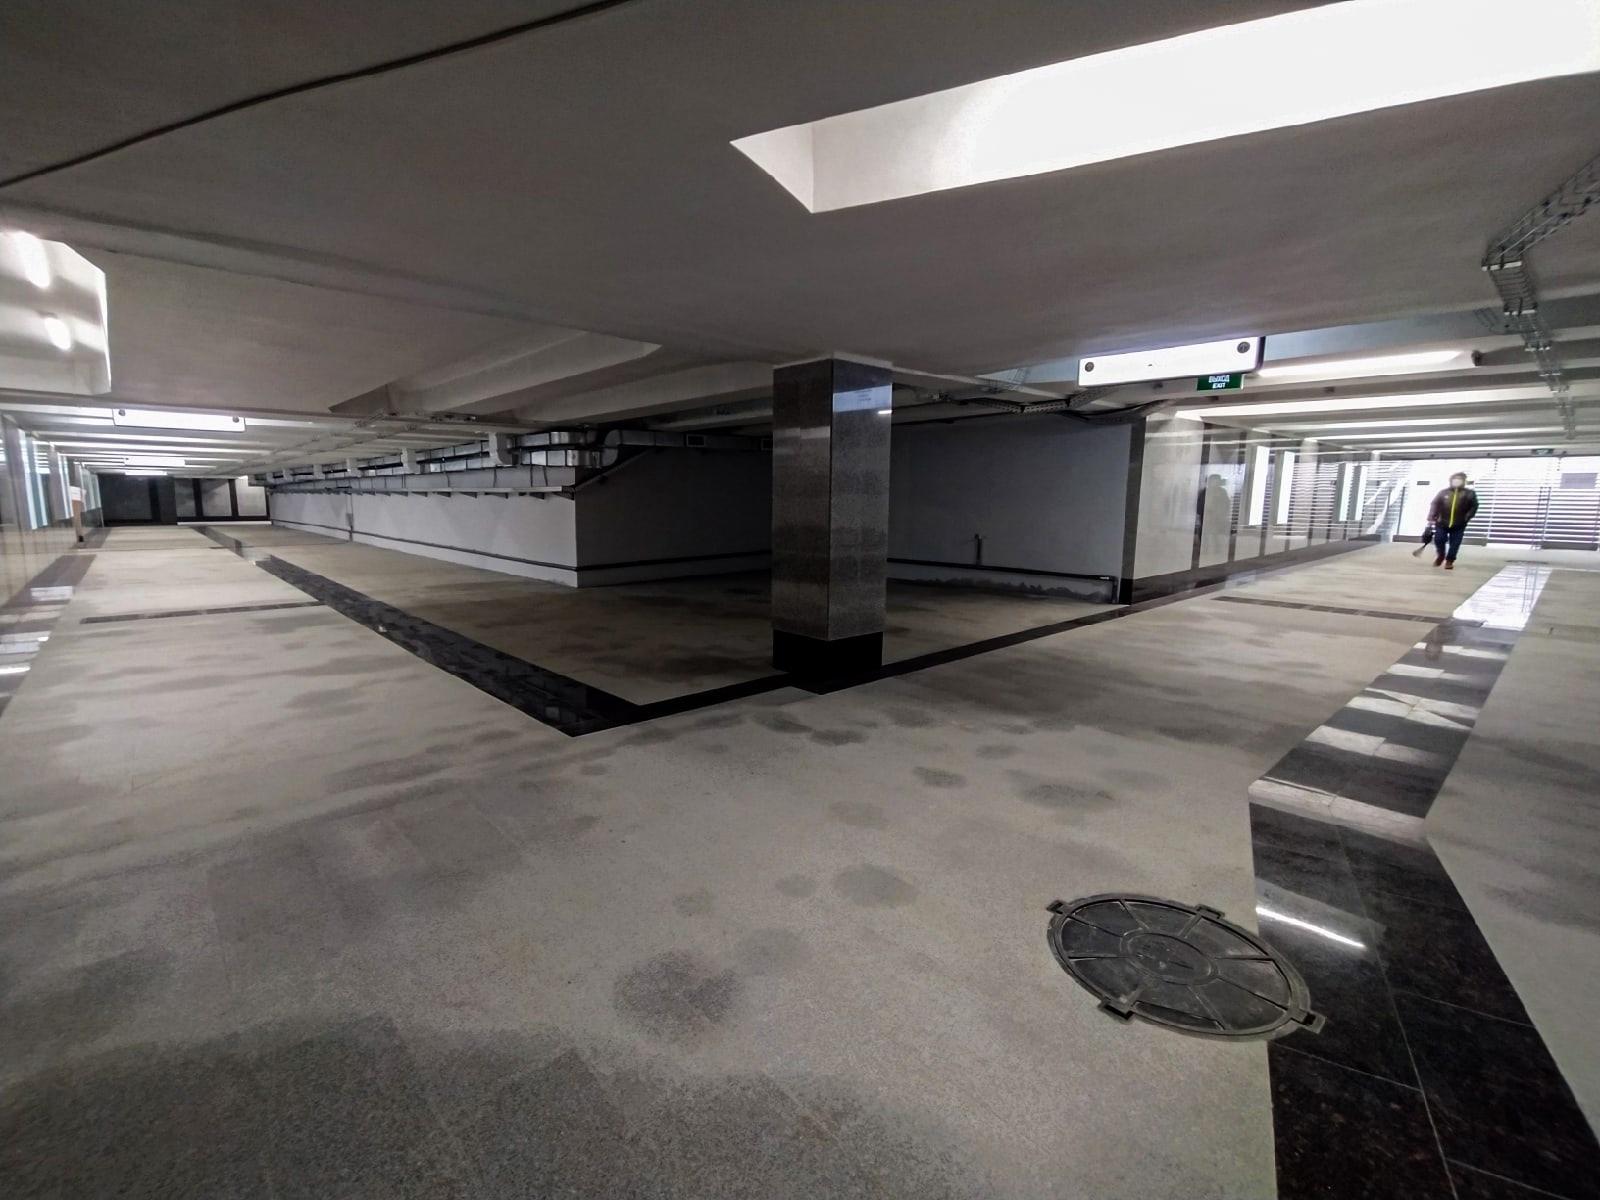 фото Подземный переход открыли на Красном проспекте в Новосибирске: 9 фото после реконструкции 7